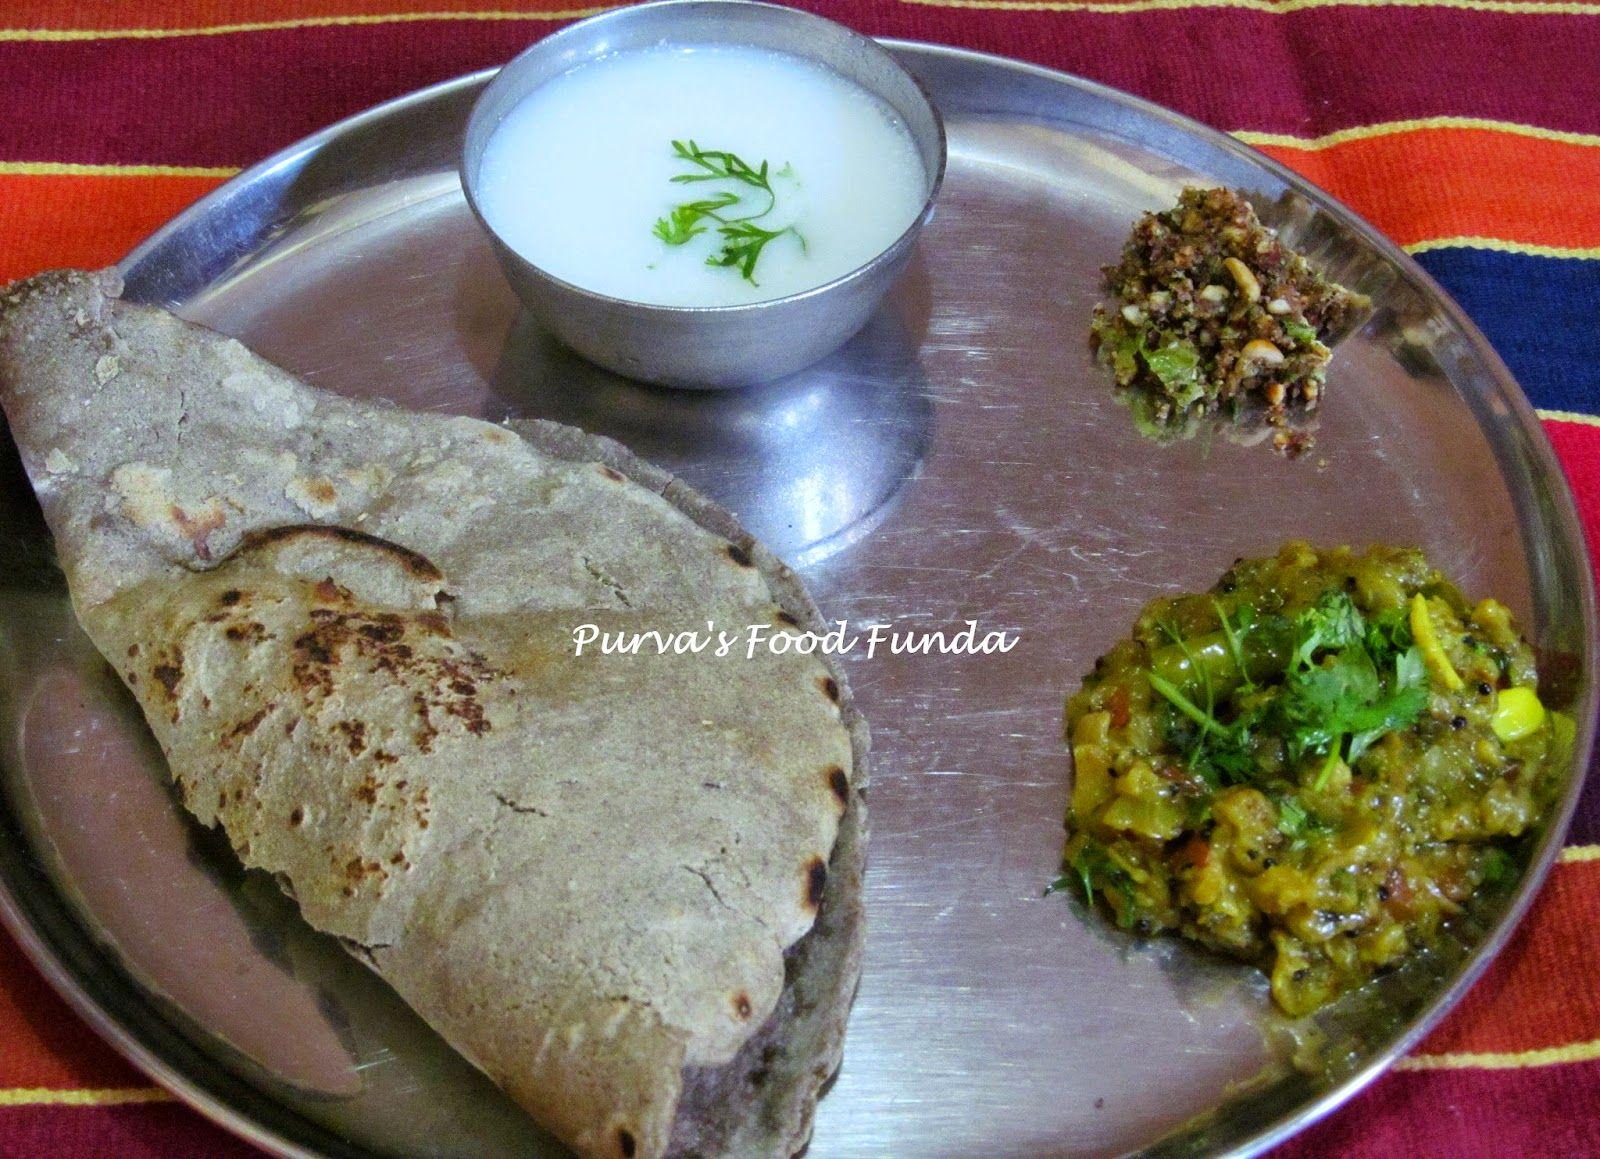 Food Funda: Kalanachi Bhakri